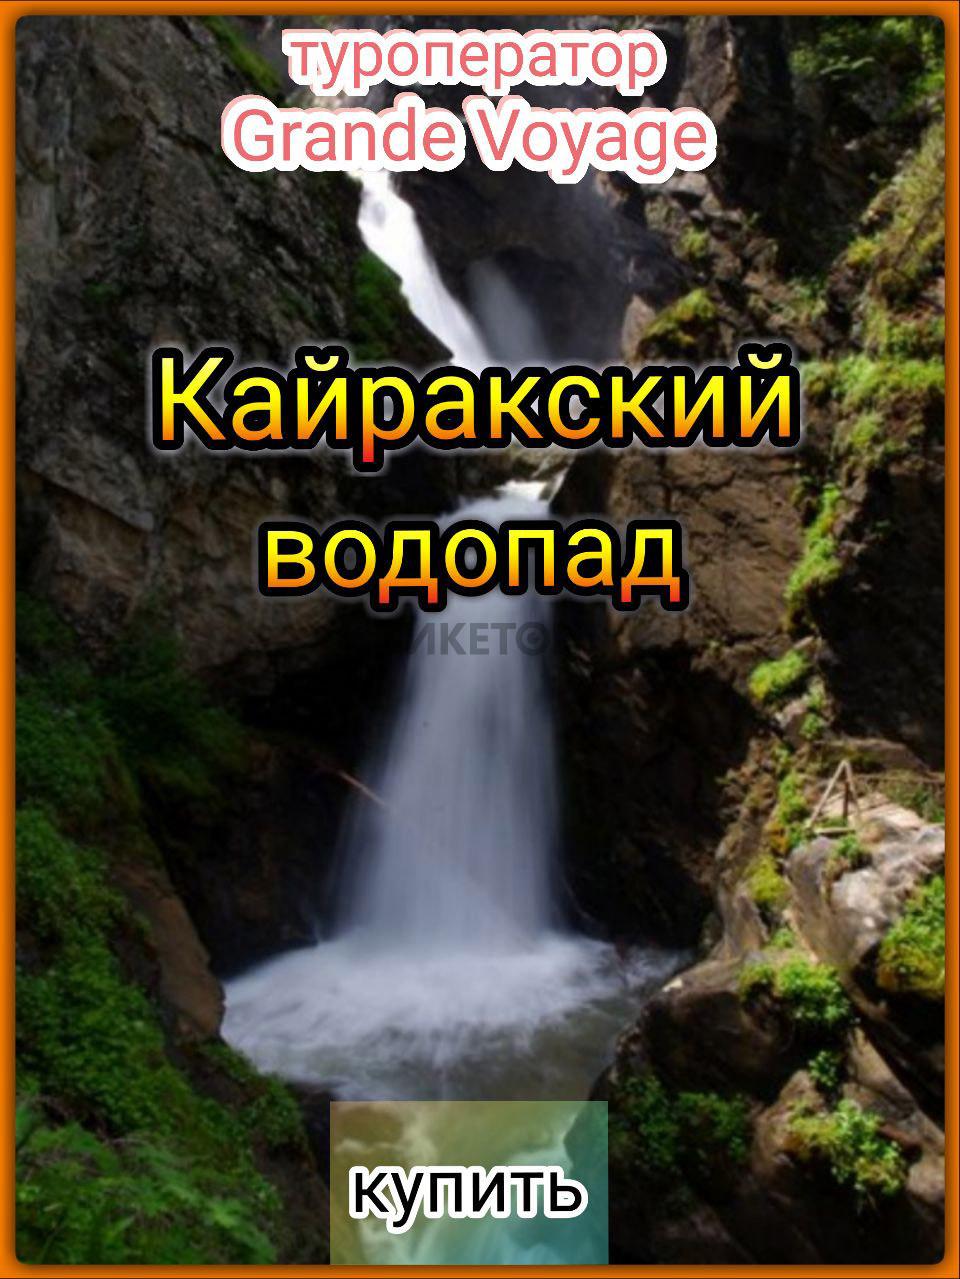 Кайракский водопад. Grande Voyage